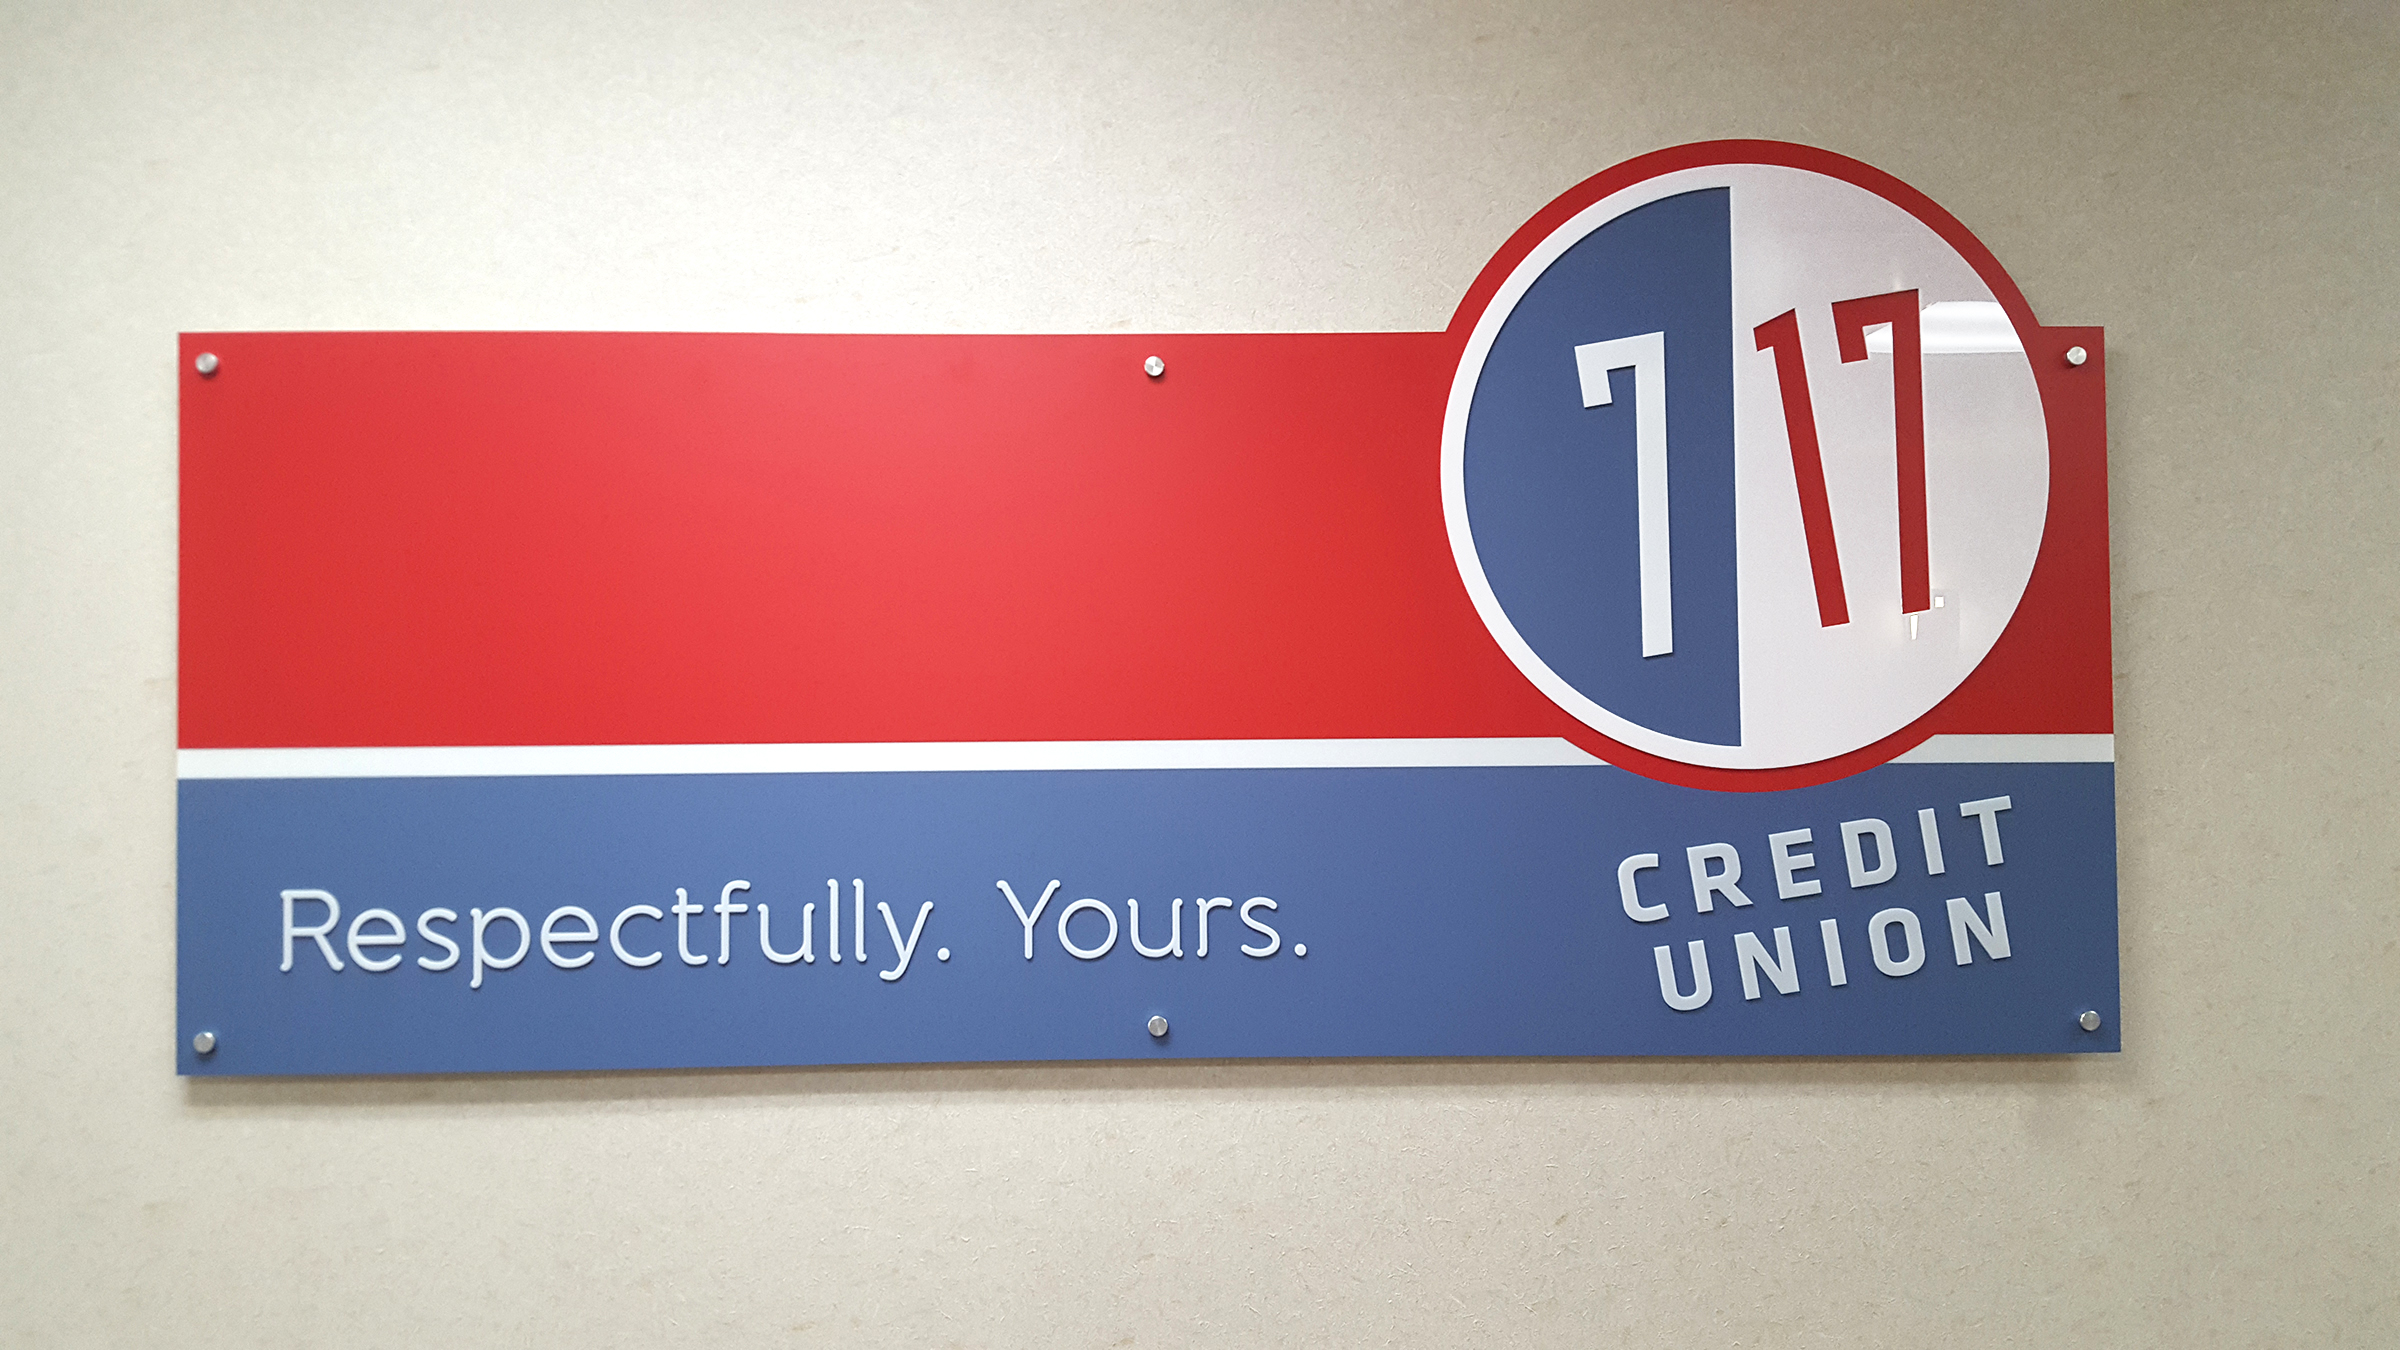 Client: 7 17 Credit Union